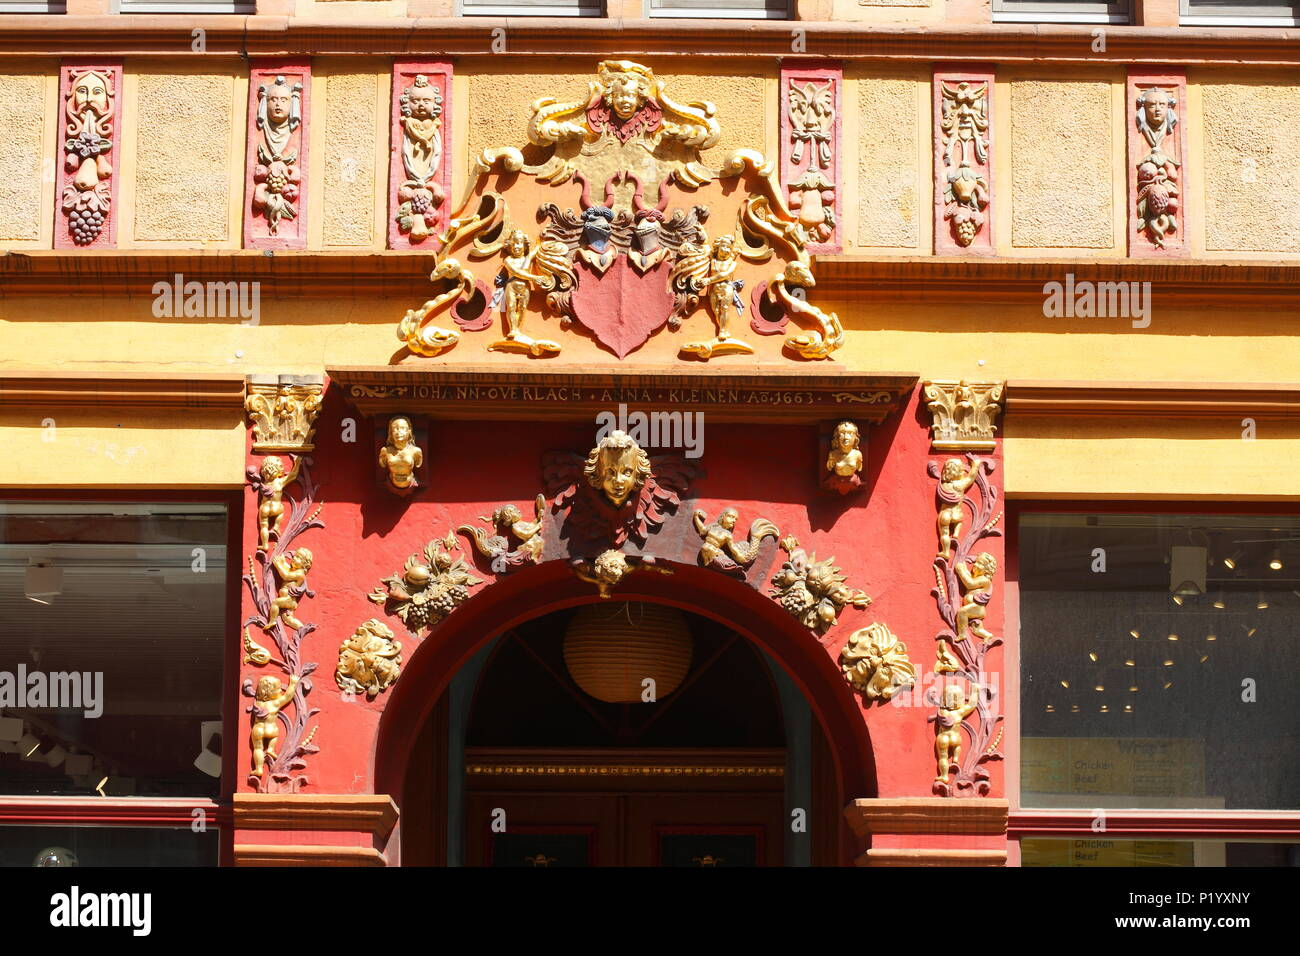 Stil der alten Tür Veranda in Lavesstraße, Hannover, Niedersachsen, Deutschland, Europa ich Altes verziertes Türportal in der Lavesstraße, Hannover, Niedersac Stockfoto